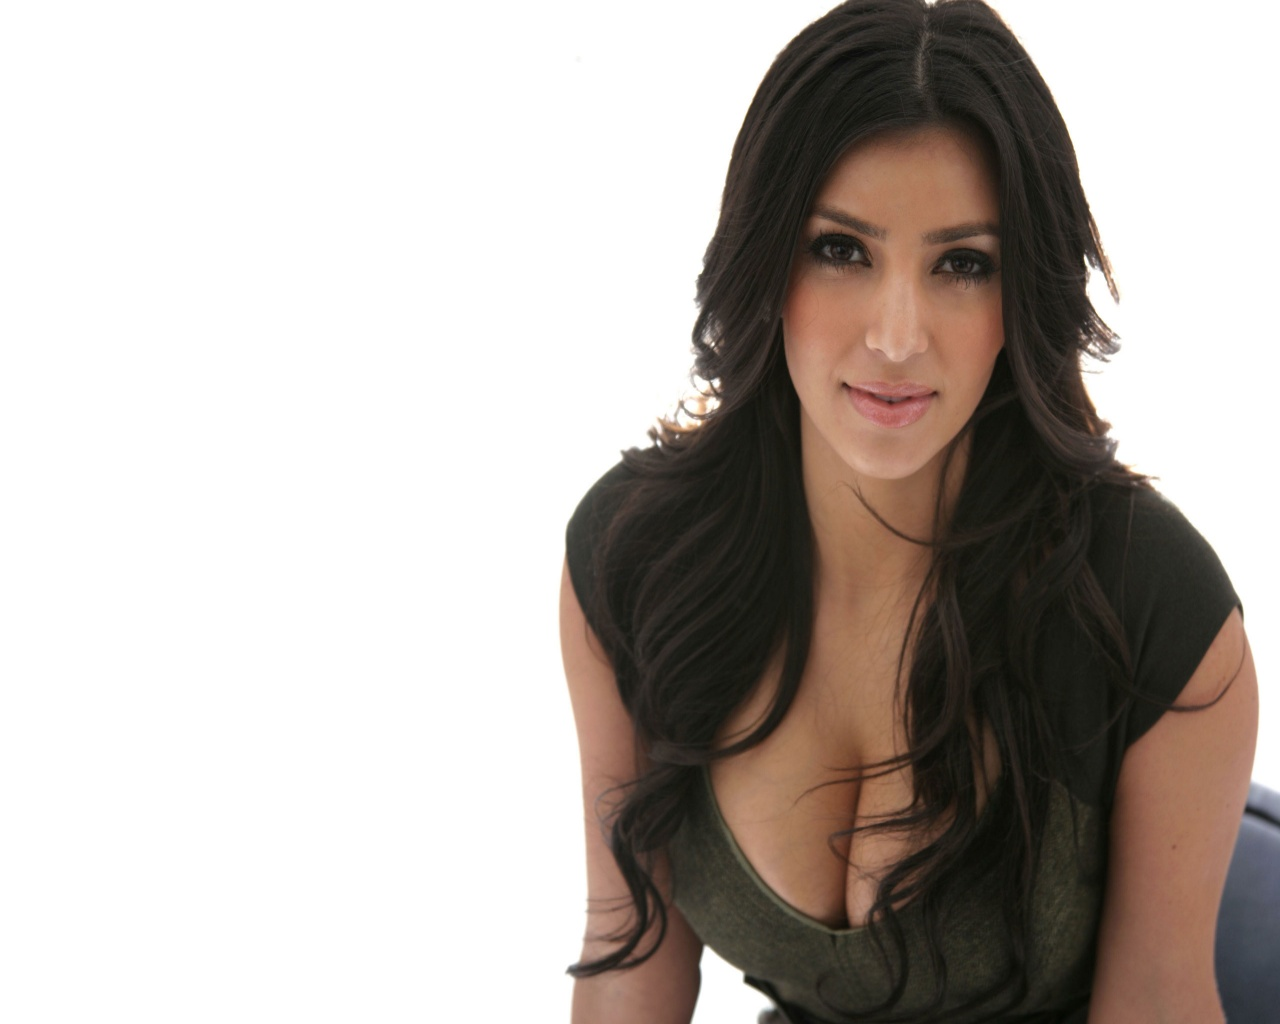 Kim Kardashian Wallpapers Biography Fun Hungama 1280x1024